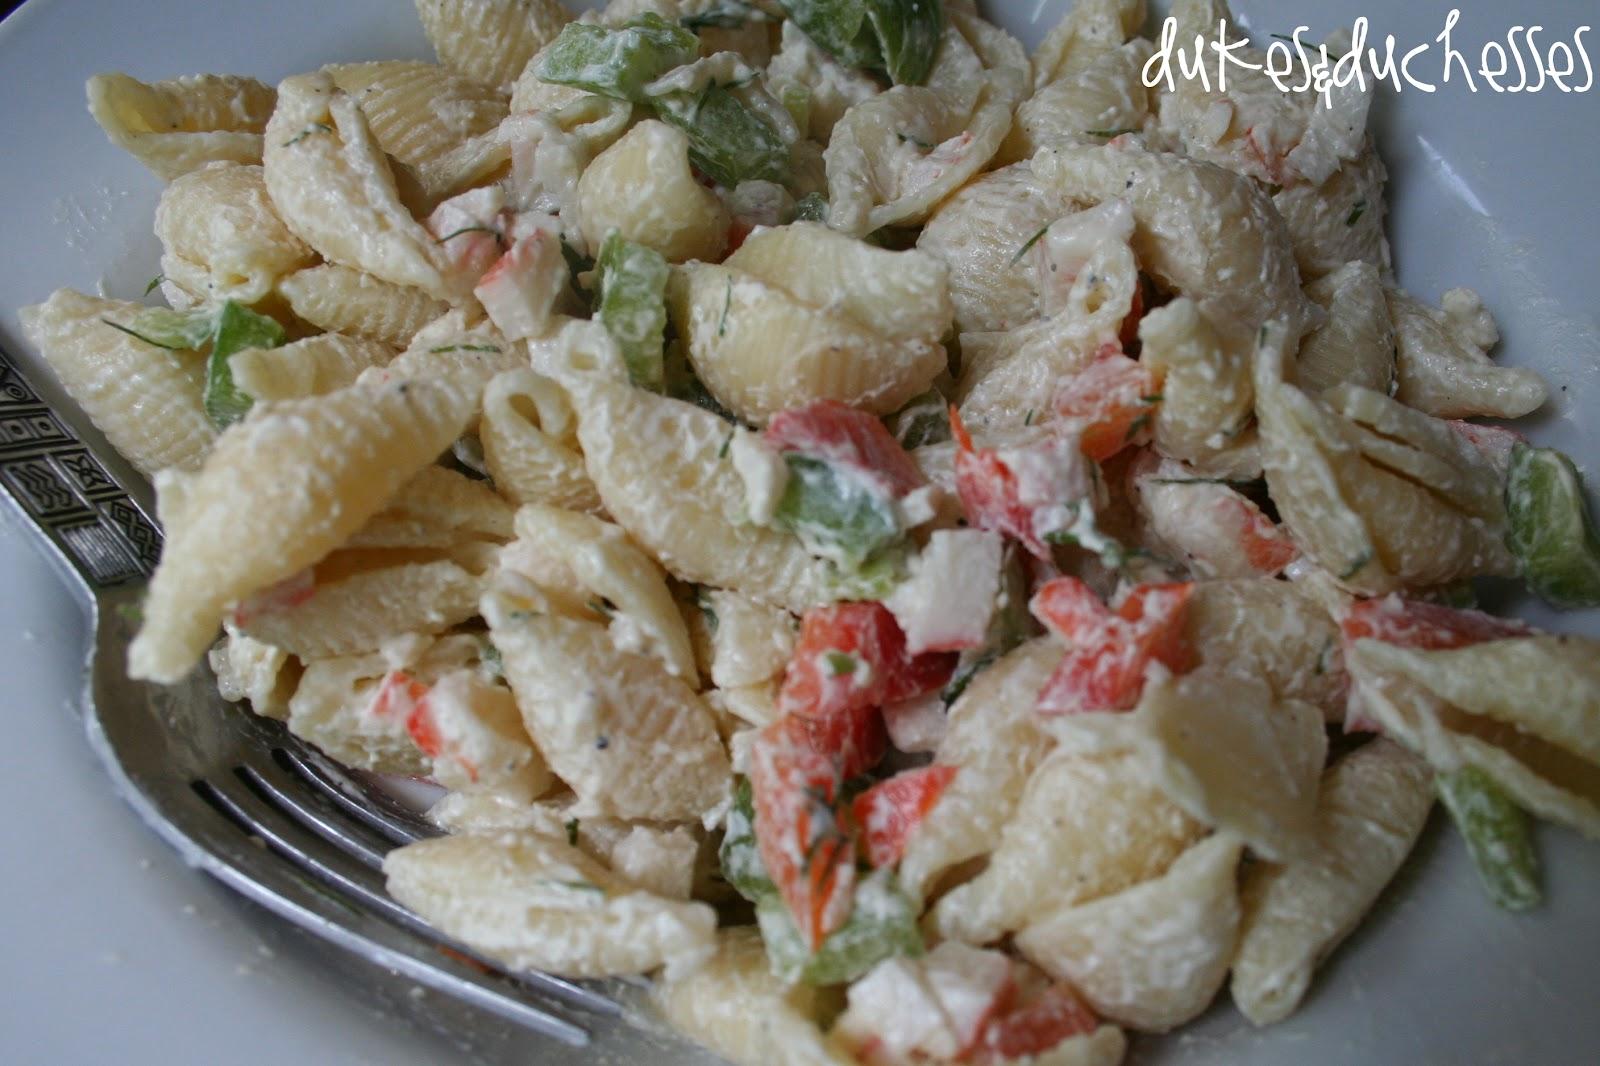 Favorite :: Crab Pasta Salad - Dukes and Duchesses